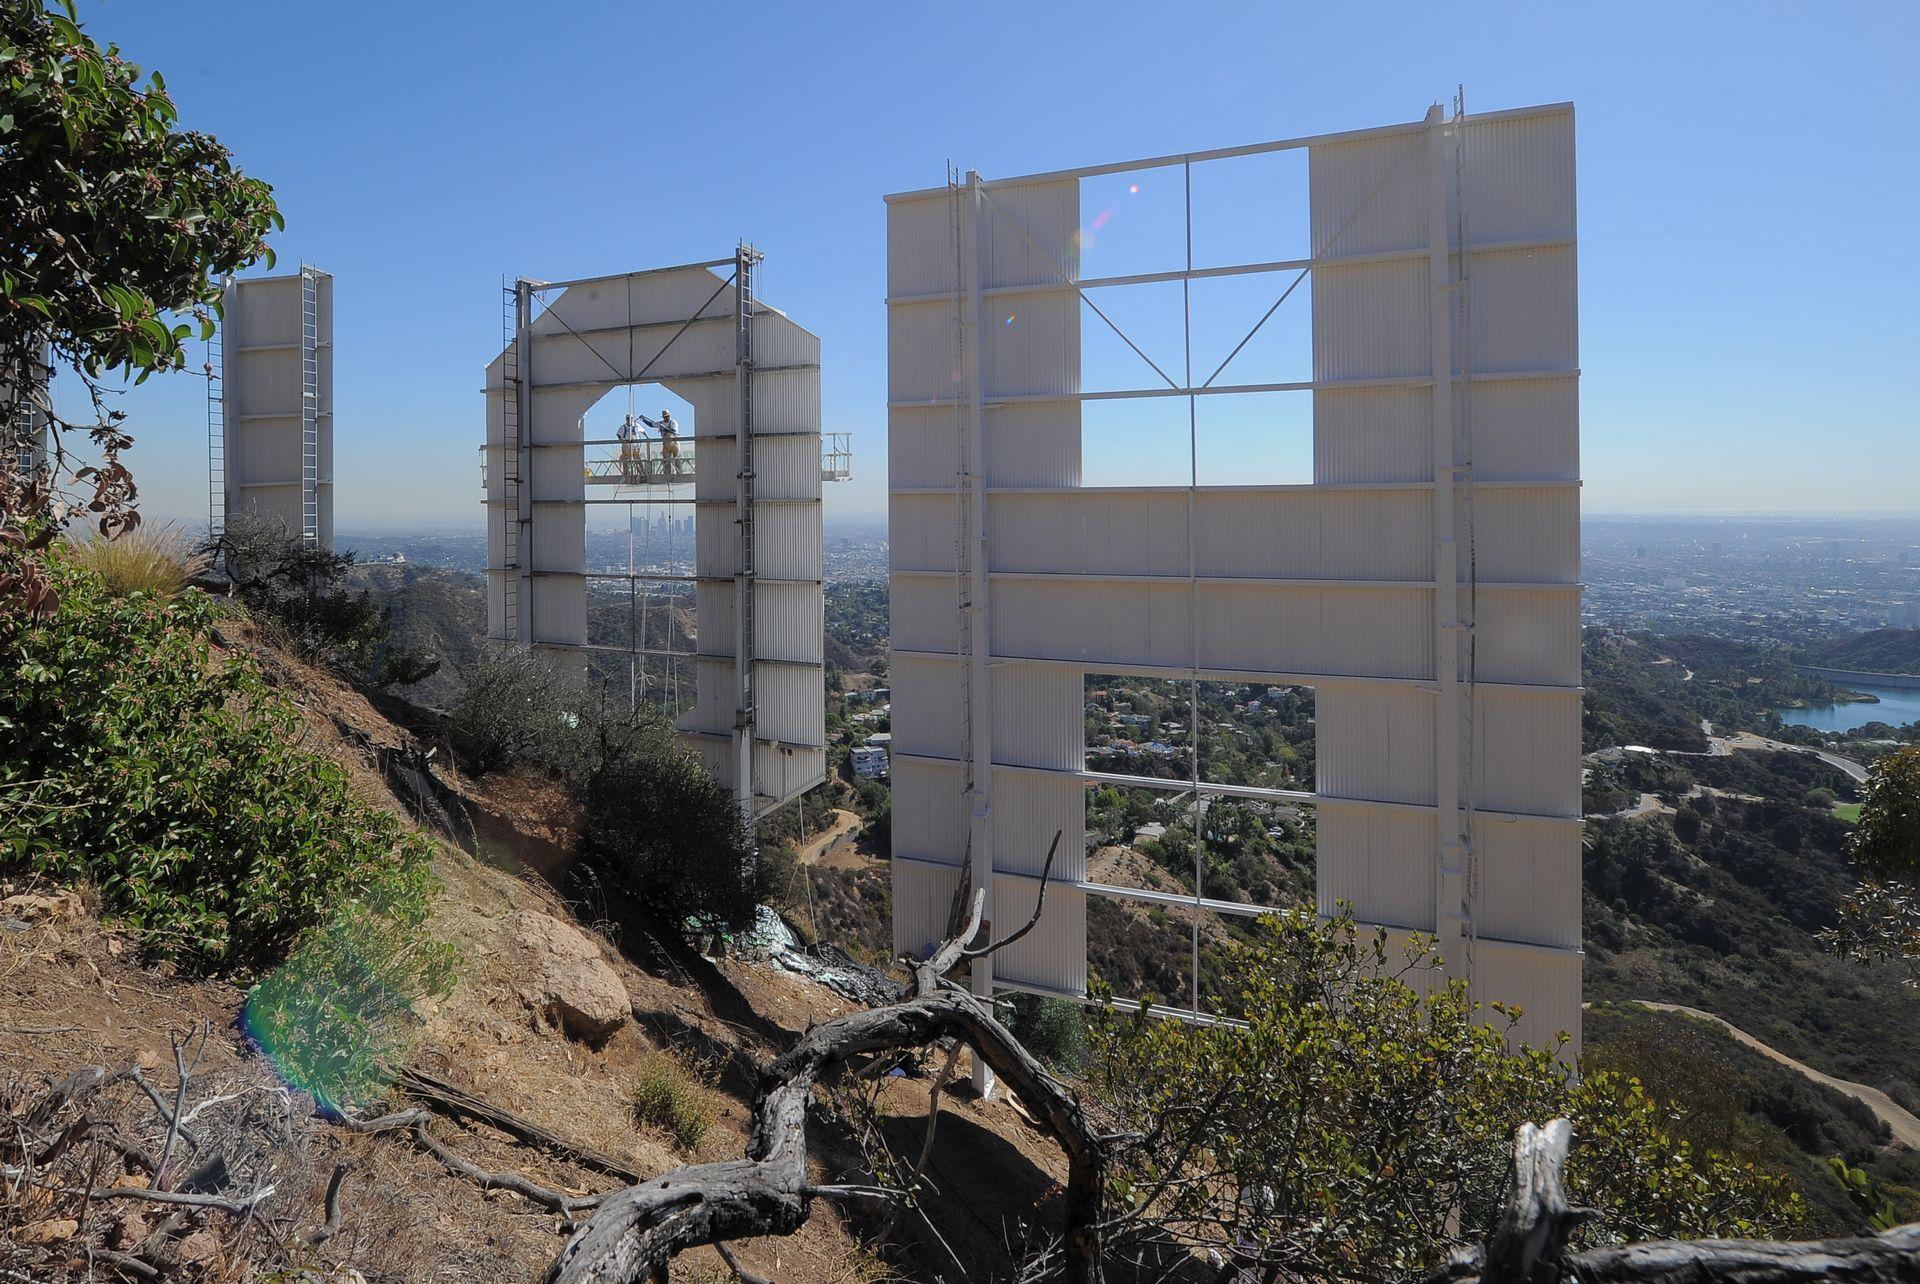 lettre hollywood D'importants travaux de rénovation pour les lettres Hollywood  lettre hollywood